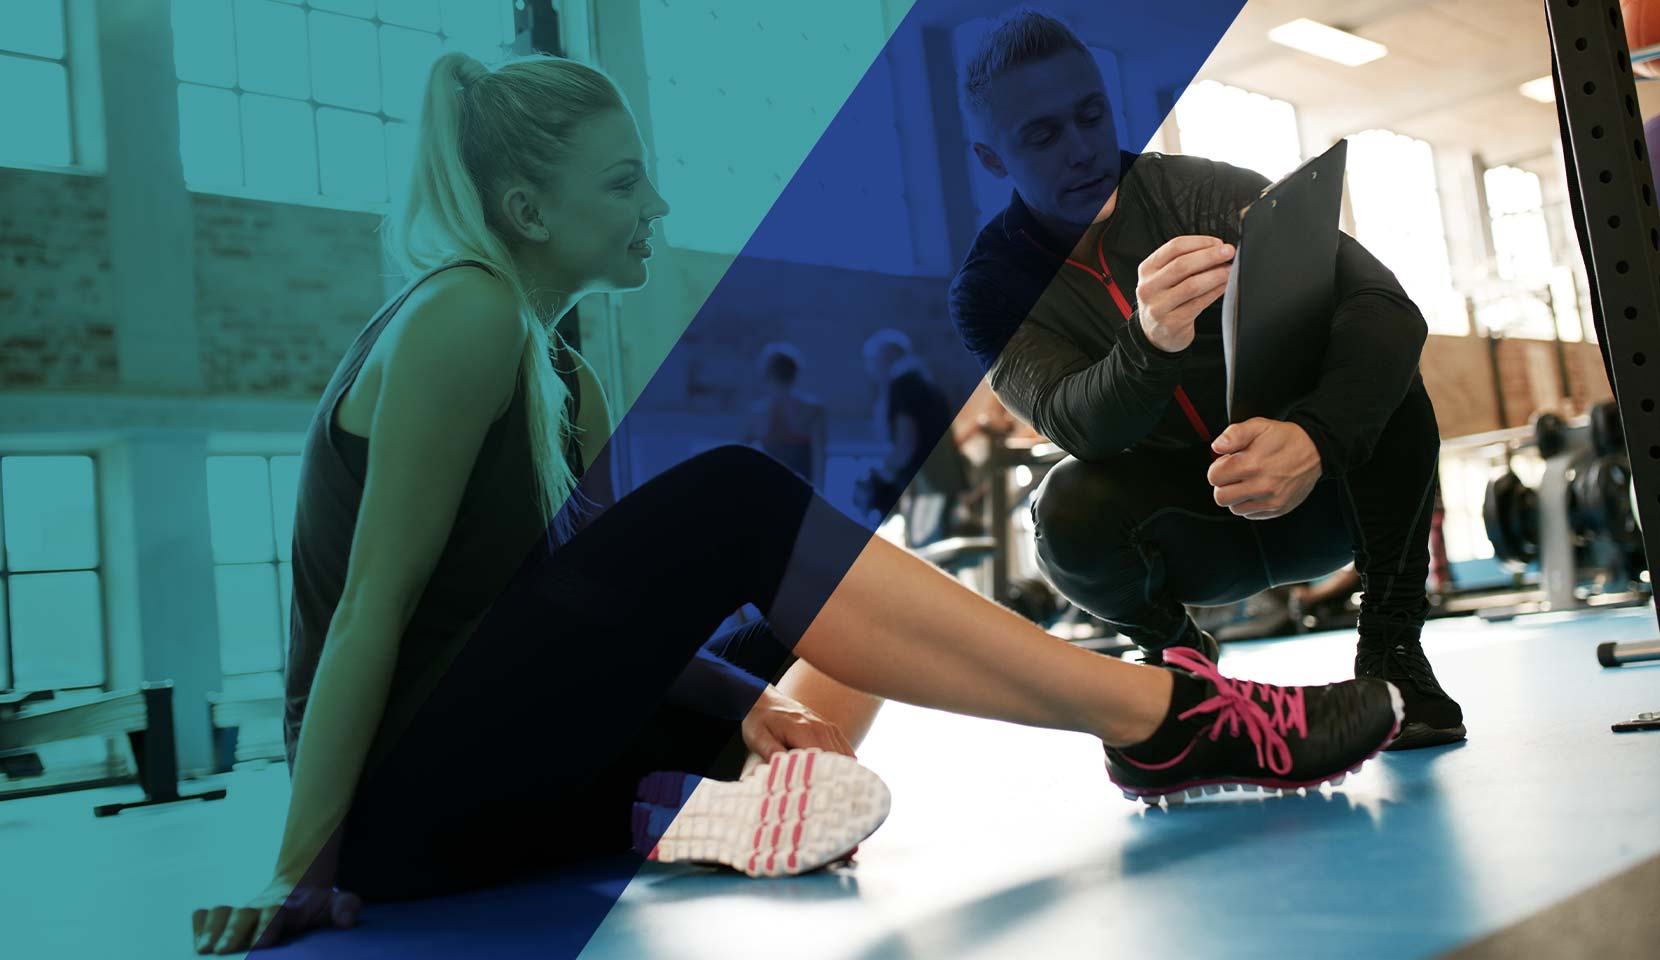 Cum să convingi membrii să respecte regulamentul sălii tale de fitness